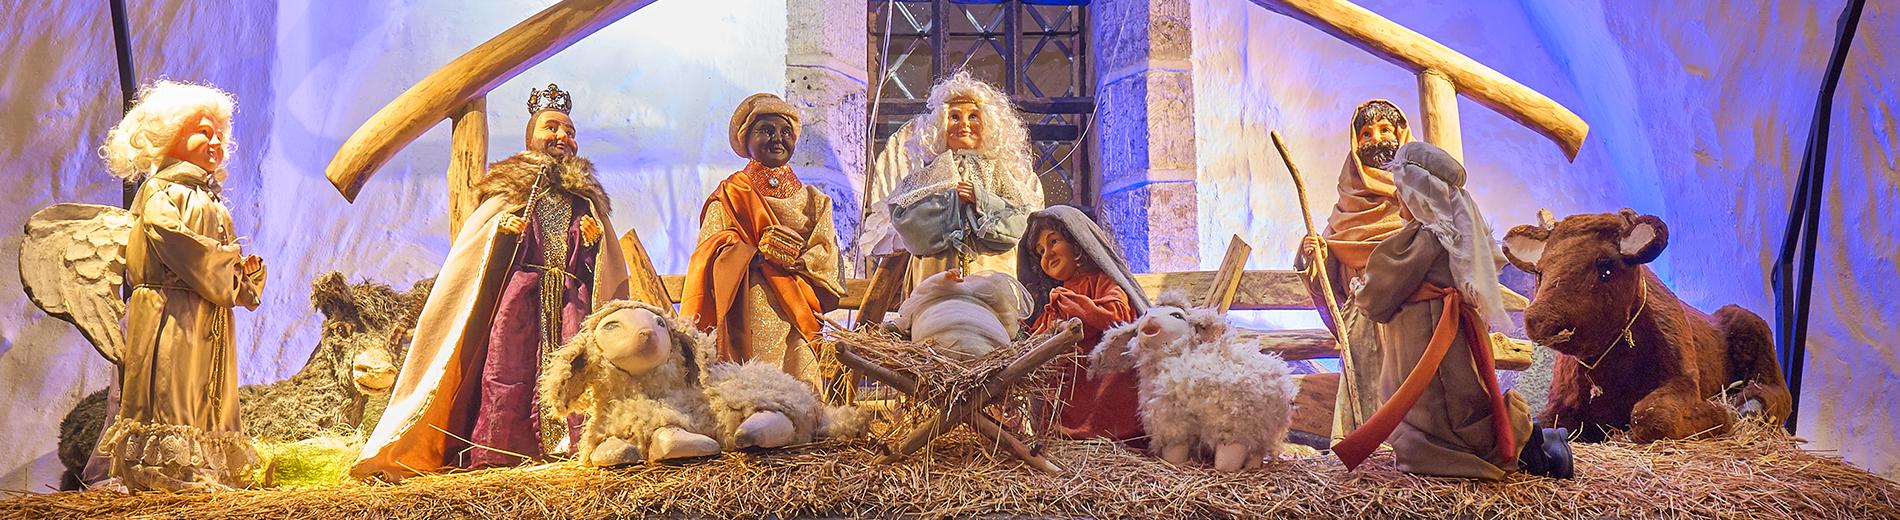 Jõulukuusk Tallinnas Raekoja platsil